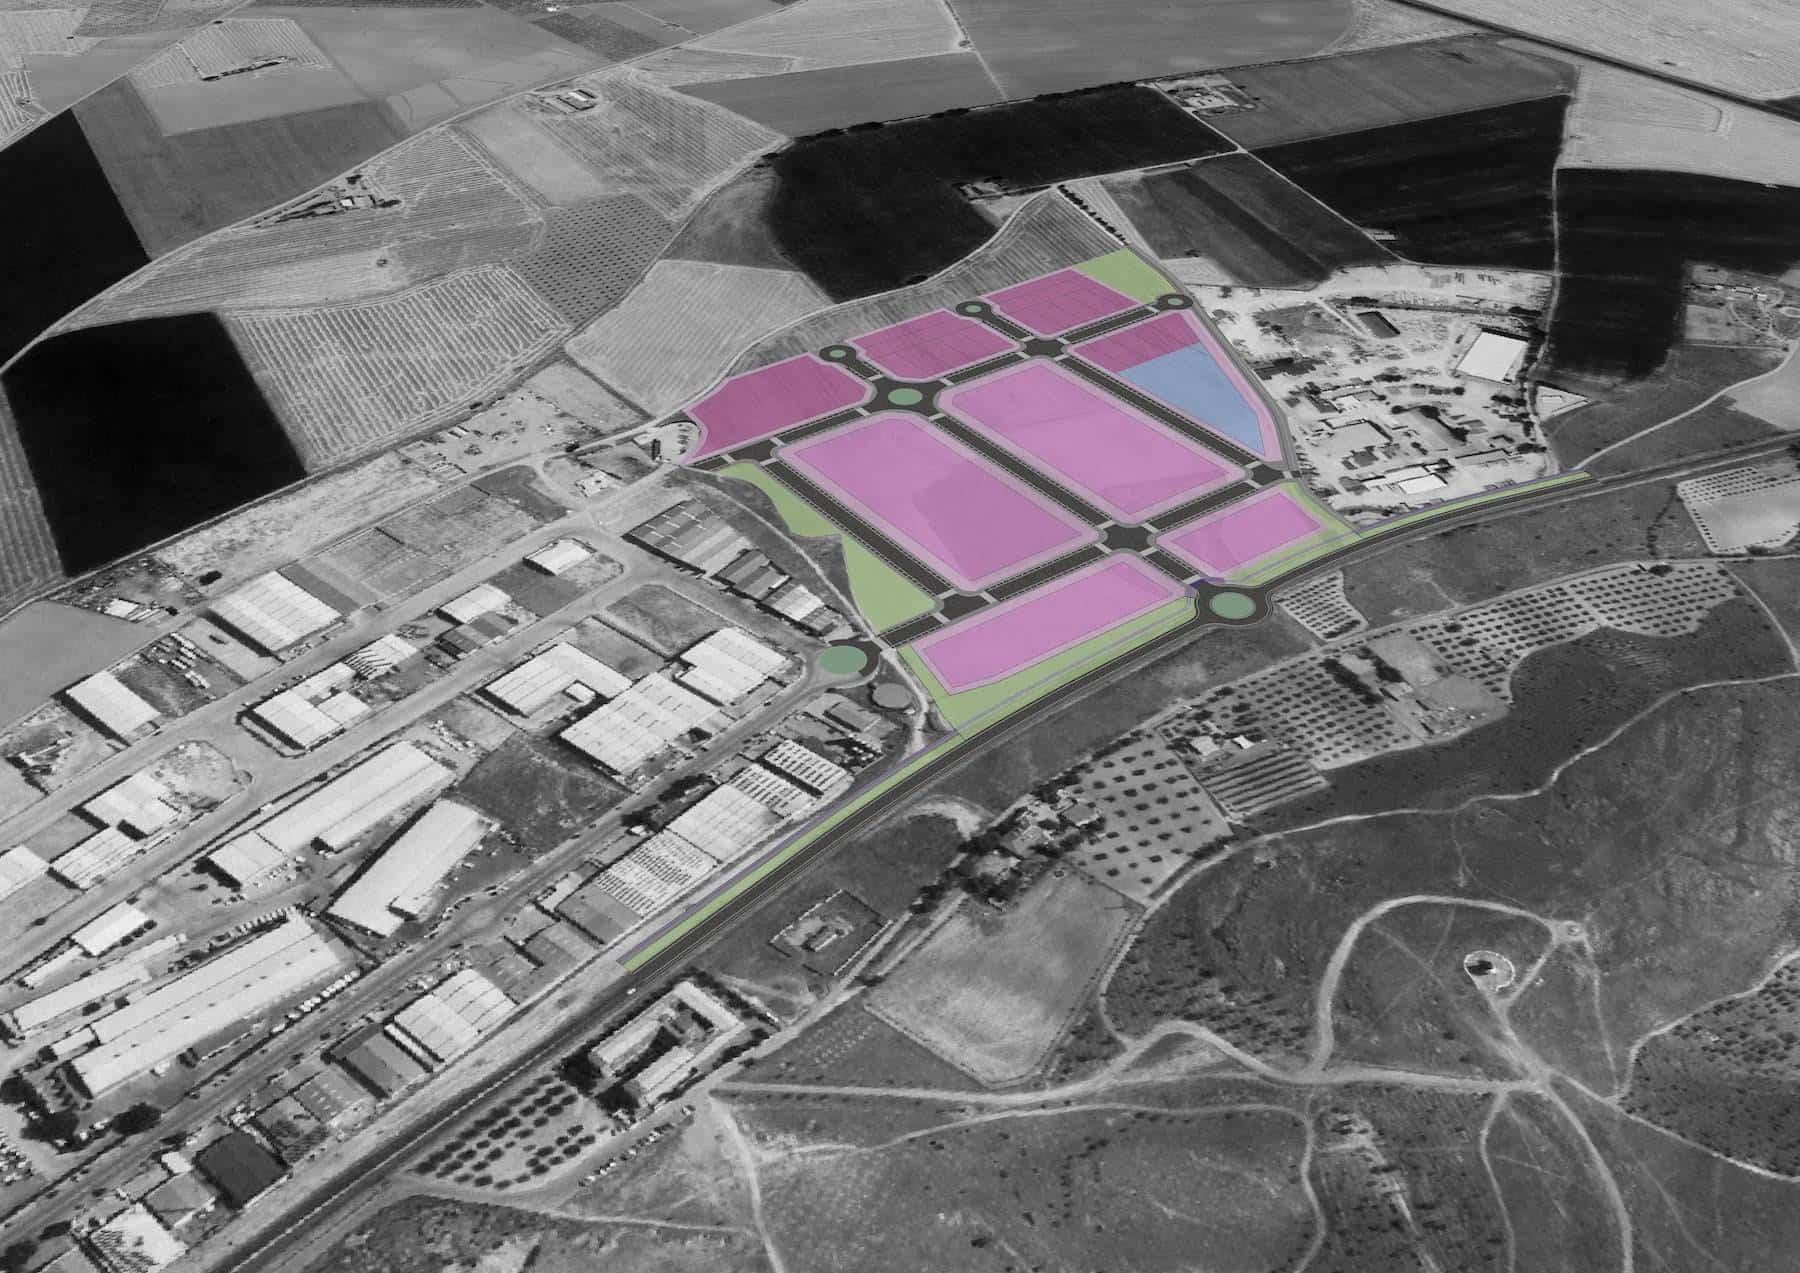 Herencia aprueba la ampliación del polígono industrial 5